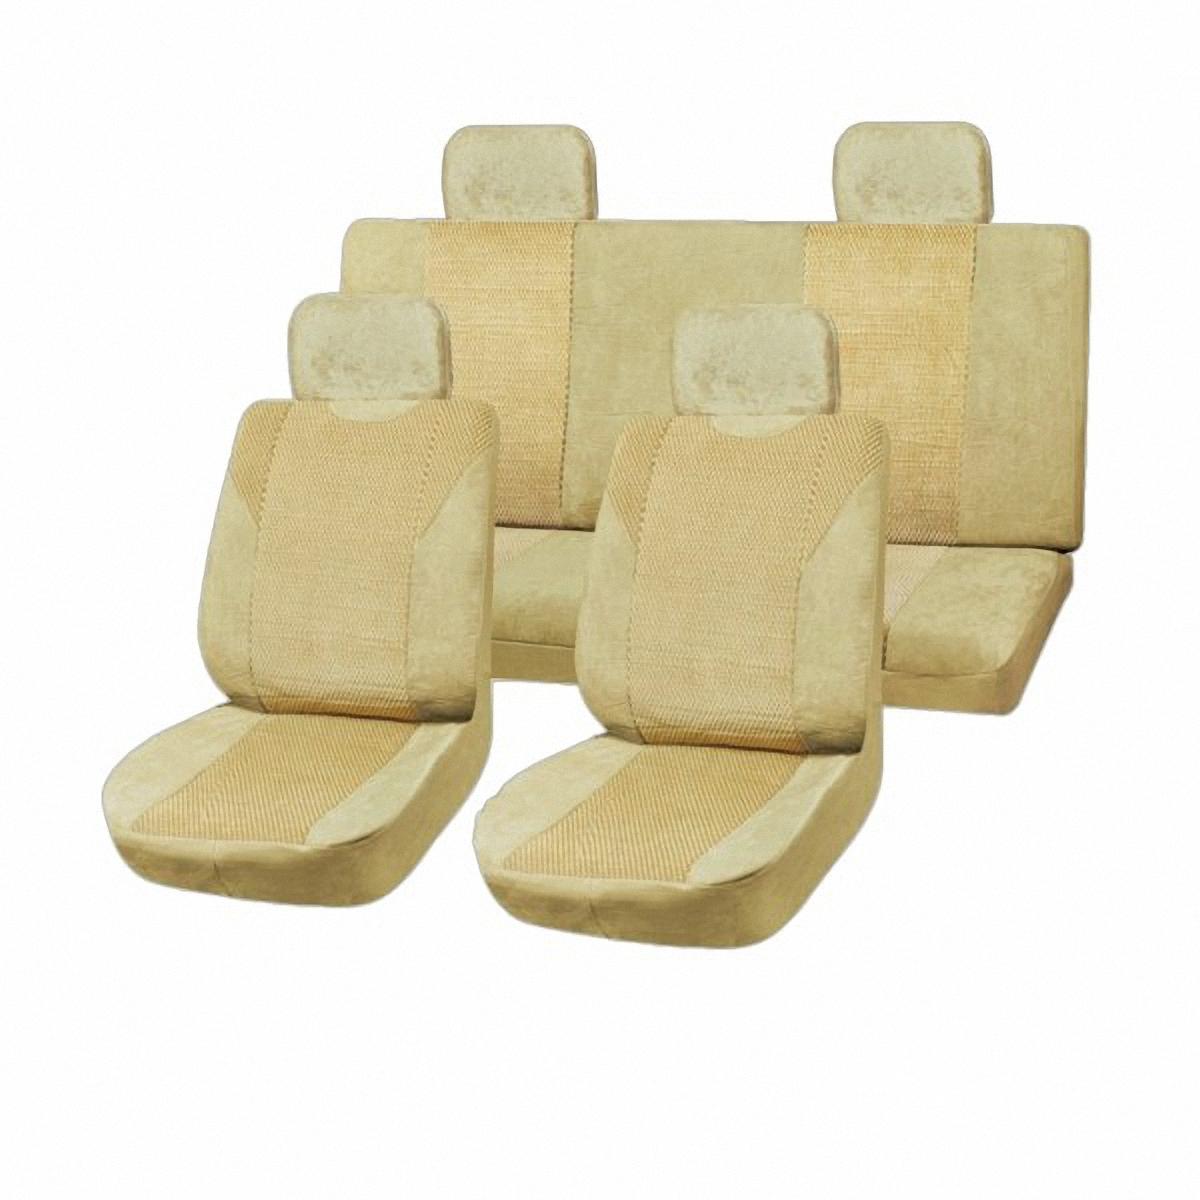 Чехлы автомобильные Skyway. SW-111029 BE/S01301005SW-111029 BE/S01301005Вам не хватает уюта и комфорта в салоне? Самый лучший способ изменить это – «одеть» ваши сидения в чехлы SKYWAY. Изготовленные из прочного материала они защитят ваш салон от износа и повреждений. Более плотный поролон позволяет чехлам полностью прилегать к сидению автомобиля и меньше растягиваться в процессе использования. Ткань чехлов на сиденья SKYWAY не вытягивается, не истирается, великолепно сохраняет форму, устойчива к световому и тепловому воздействию, а ровные, крепкие швы не разойдутся даже при сильном натяжении.